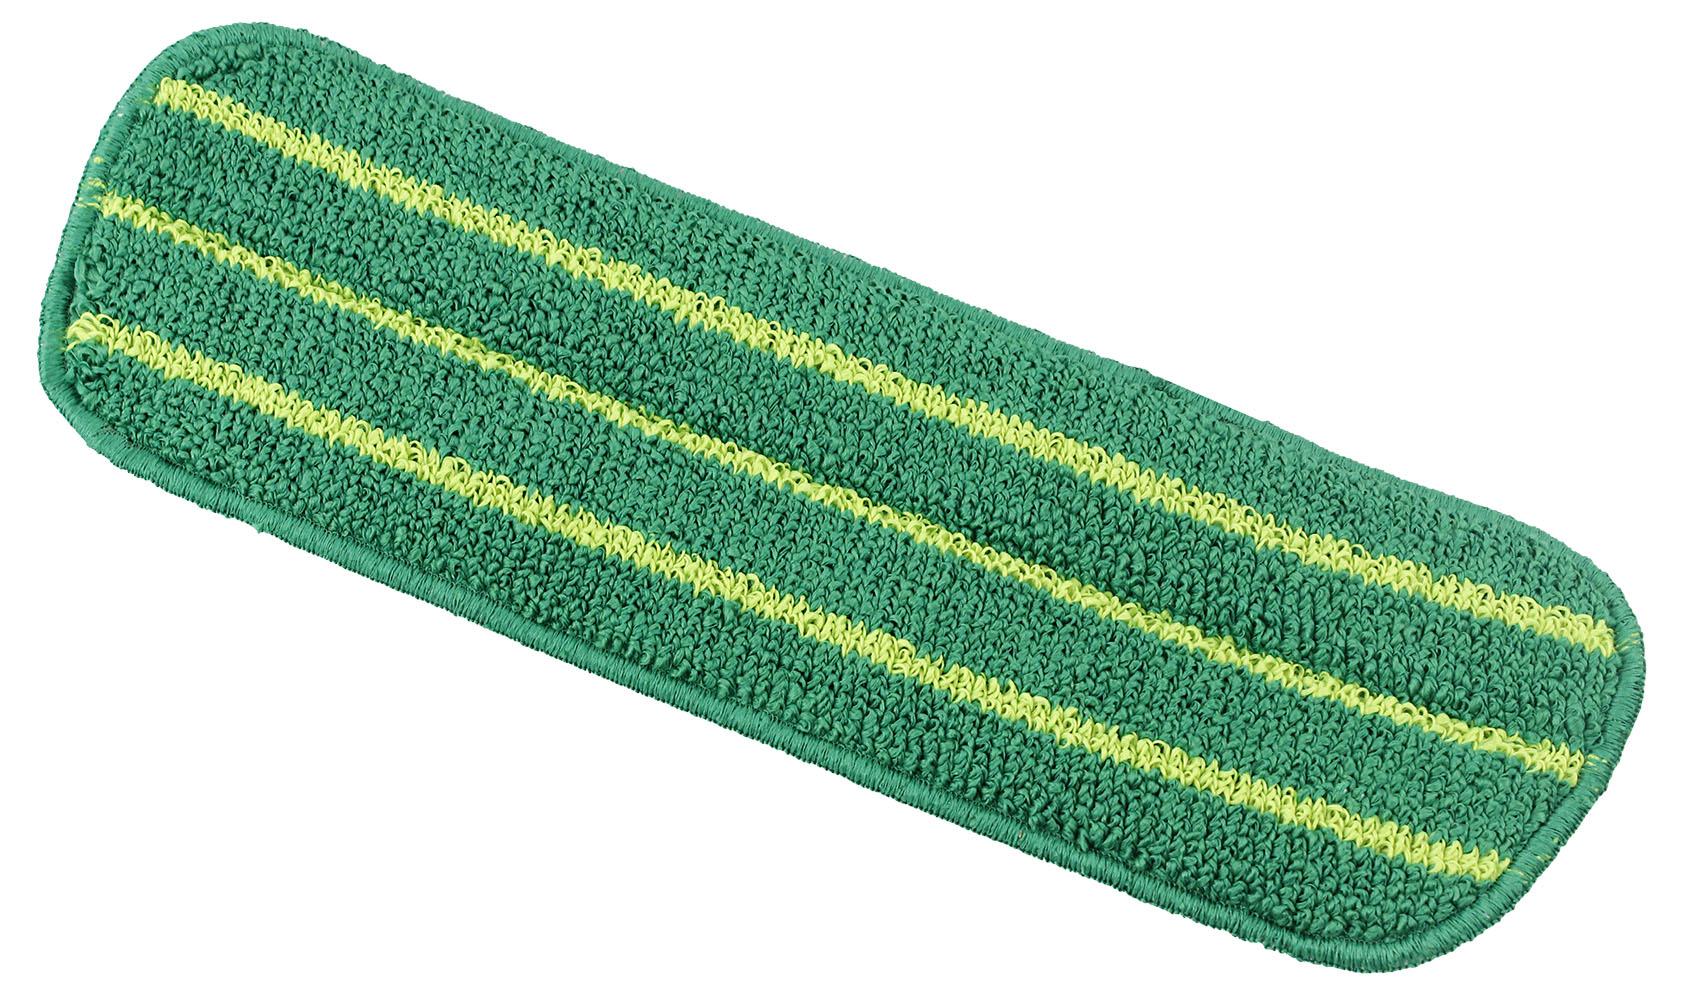 Насадка сменная Libman Freedom для швабры, ширина 40 см. 400385056Сменная насадка Libman Freedom, выполненная из микрофибры, станет незаменимым атрибутом любой уборки.Высокая очищающая сила активного волокна позволяет быстро и эффективно ухаживать за всеми видами полов. Насадка подходит для сухой и влажной уборки. Можно стирать в стиральной машине. Характеристики:Материал: микрофибра (100% полиэстер). Цвет: белый, зеленый. Размер насадки: 40 см х 13 см. Артикул: 4003.Компания Libman основана в 1896 году выходцем из Латвии Вильемом Либманом, задавшимся целью создавать высококачественные и долговечные изделия для уборки - веники, из сельскохозяйственных отходов и стеблей сорго. Унаследовавшие бизнес, сыновья Вильяма Либмана, не только сохранили компанию во время Великой депрессии, но укрепили и расширили ее. В 1980 году были введены новейшие технологии, позволившие компании стать одной из крупнейших в США по производству уборочного инвентаря.На сегодняшний день Libman - это компания с мировым именем, благодаря высокому качеству и разнообразию уборочного инвентаря, признана потребителями всего мира.